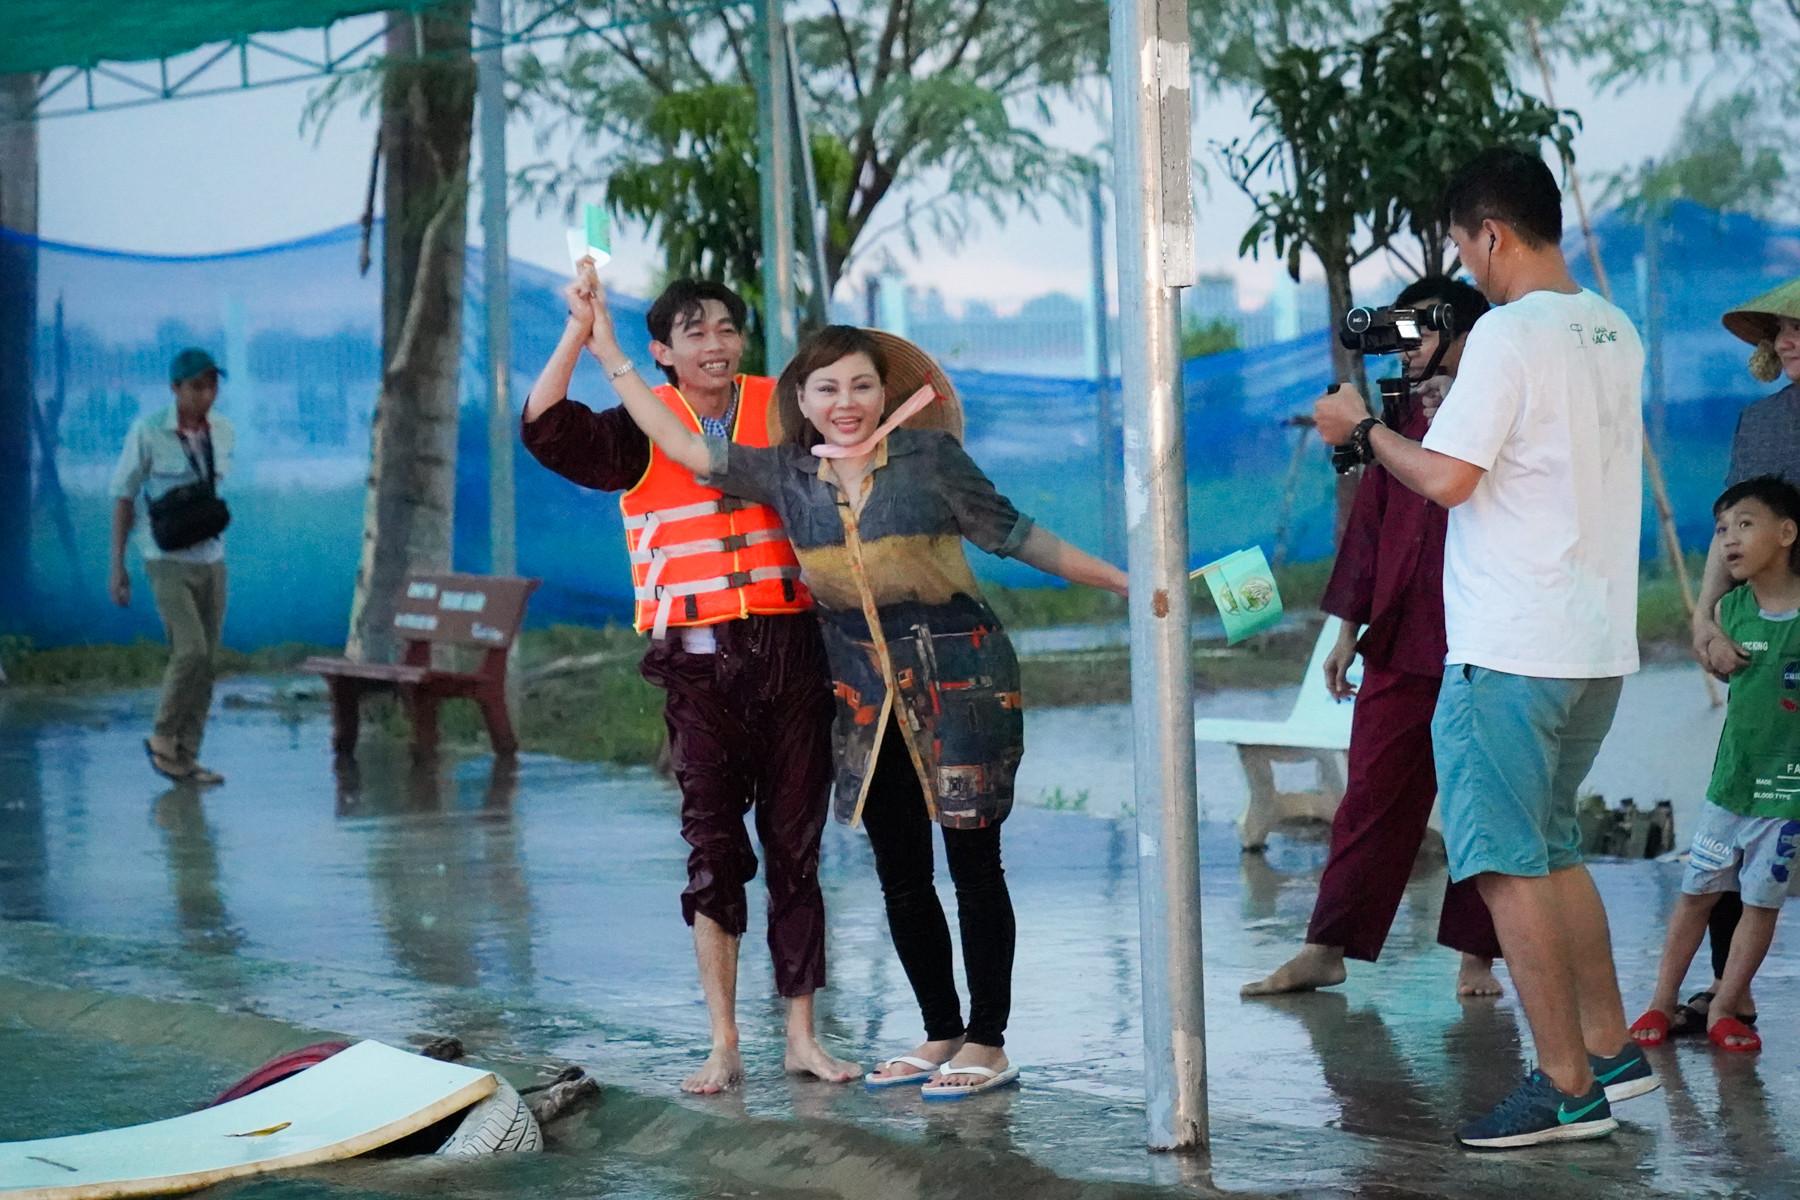 Lê Giang, Minh Dũng và Hồng Thanh nhận thử thách dở khóc dở cười trong Việt Nam tươi đẹp